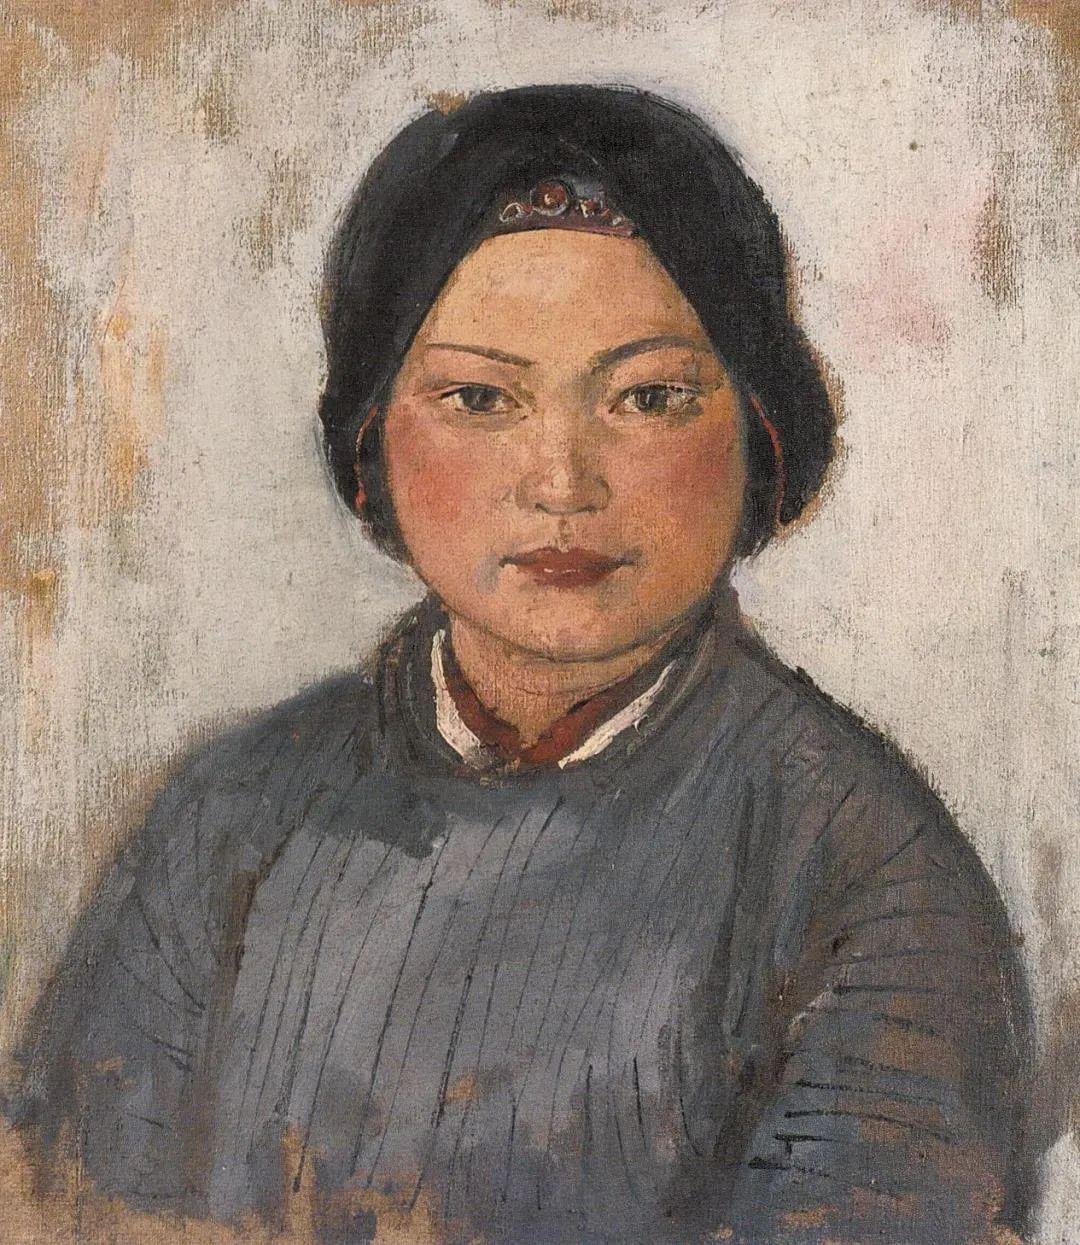 中国当代绘画艺术展作品欣赏之 苏天赐插图47